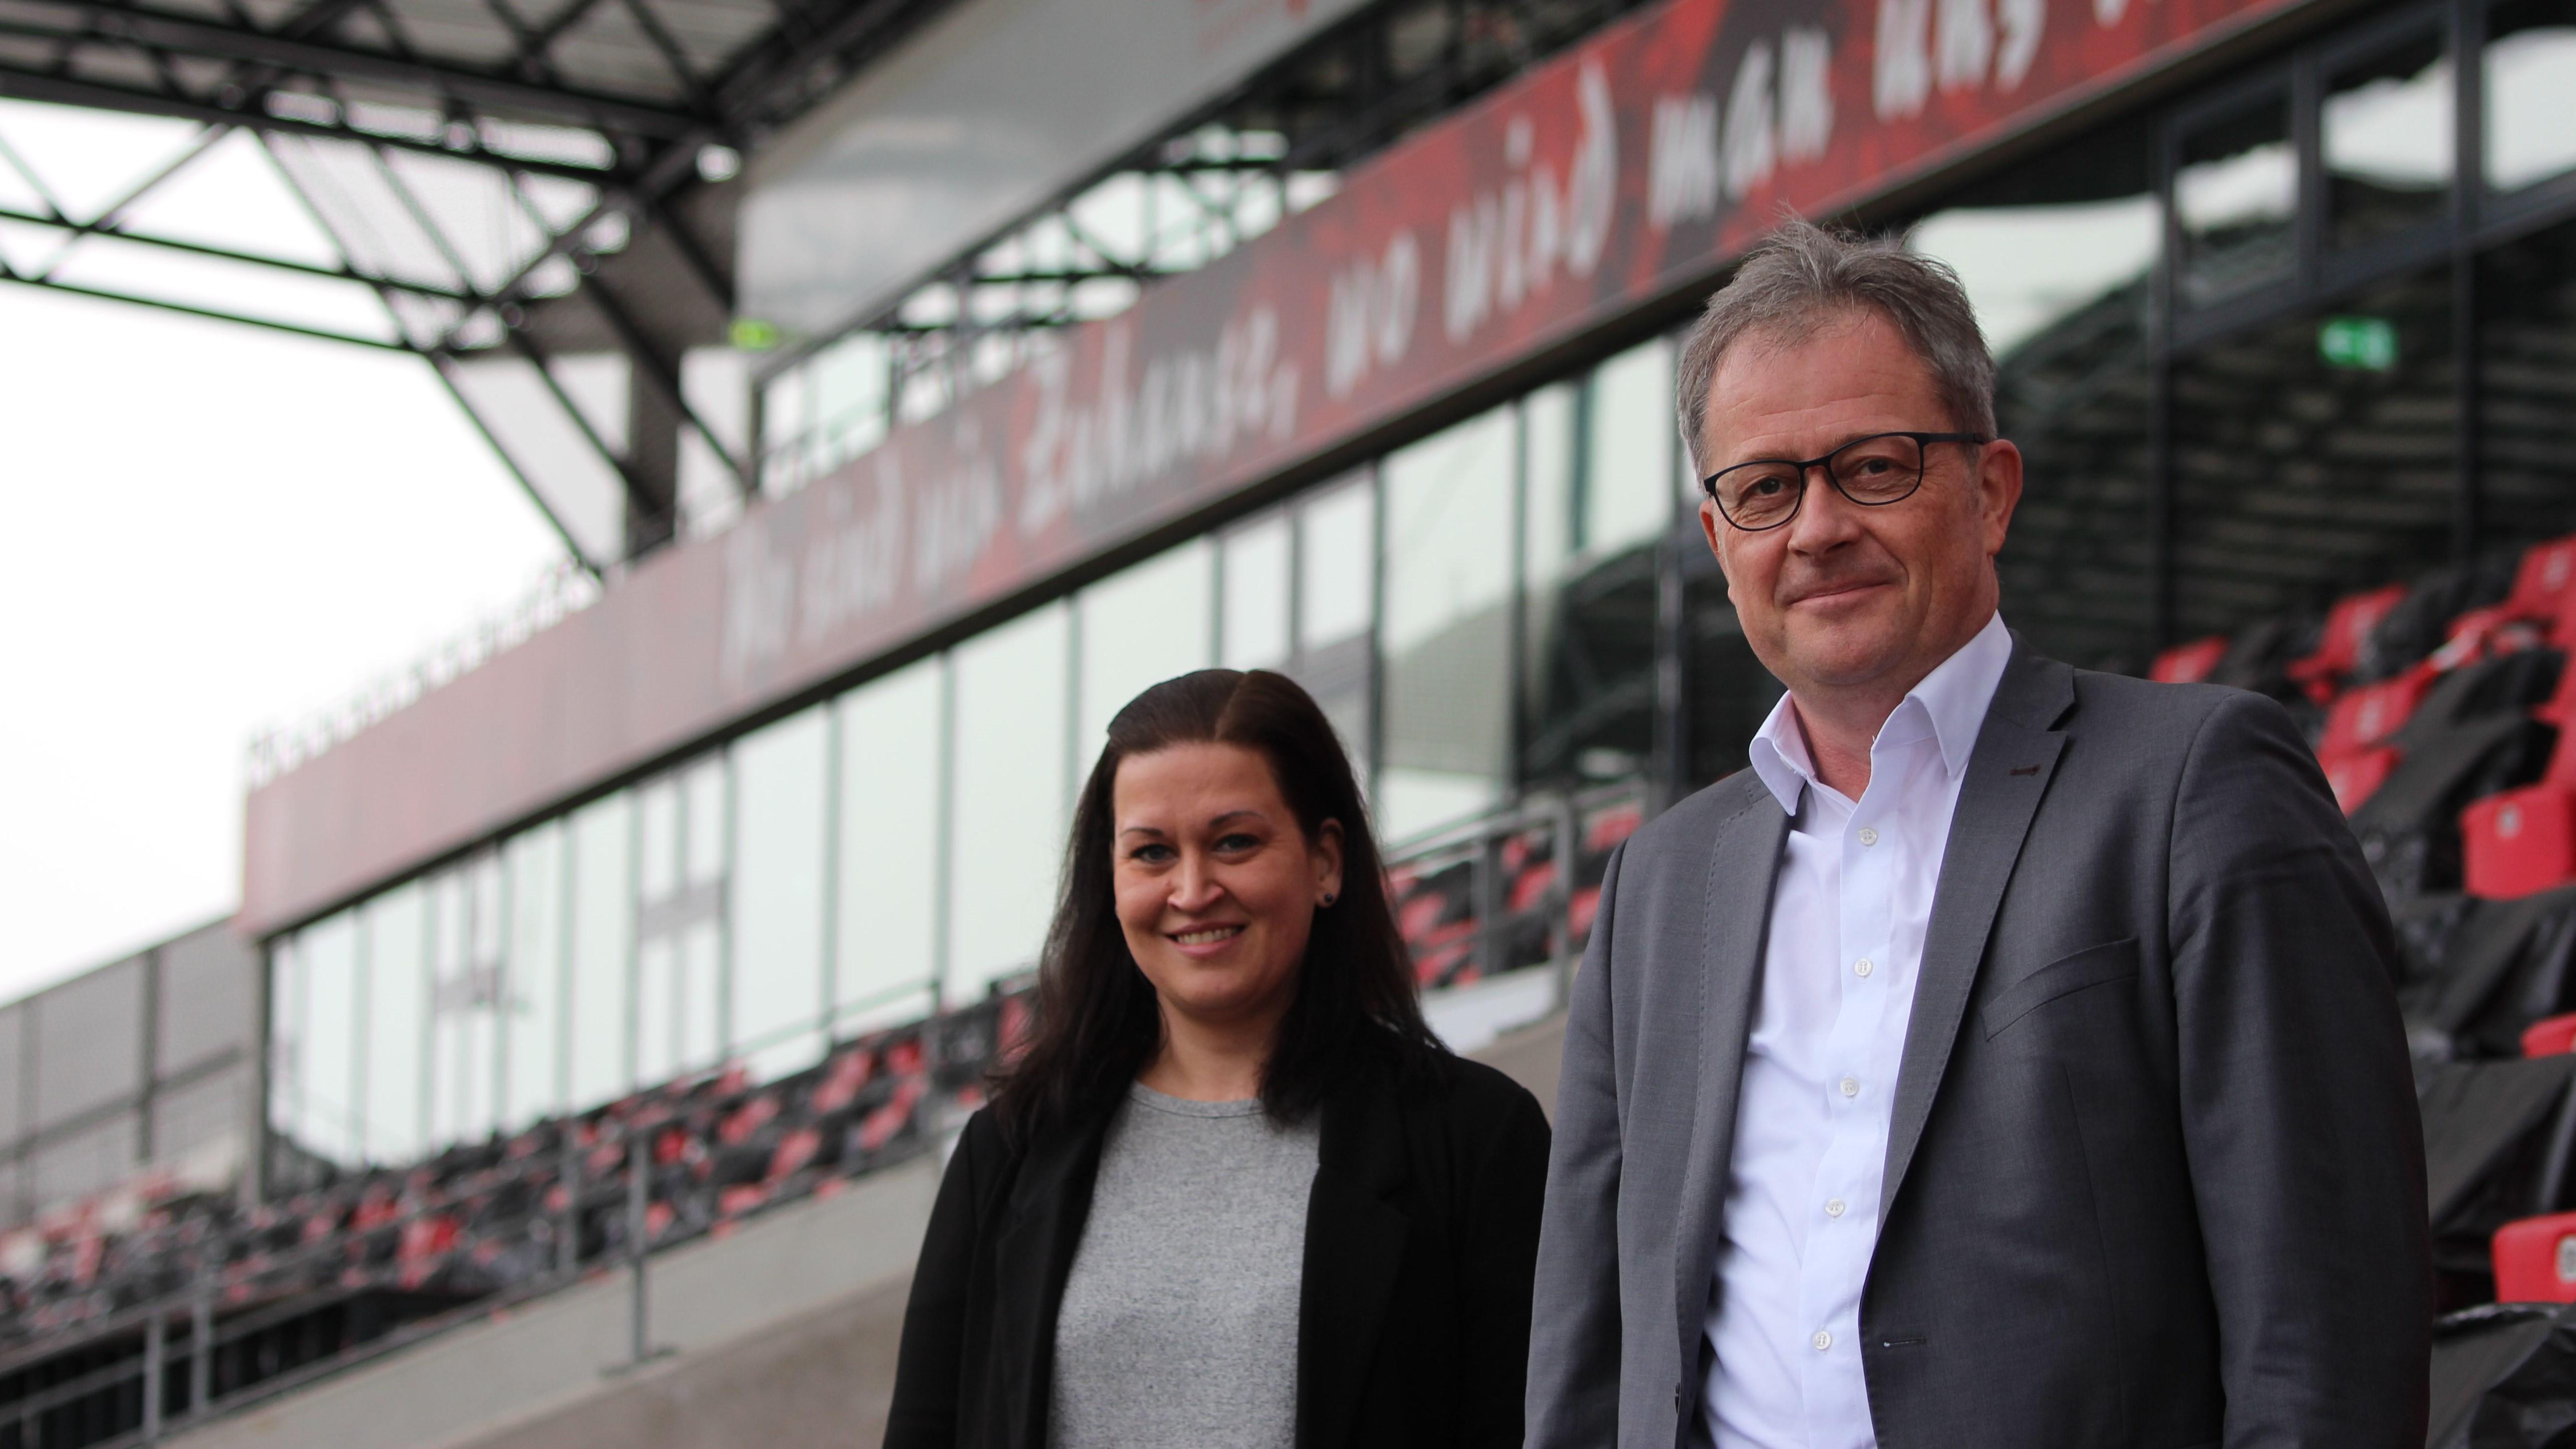 Über die neue Partnerschaft bei RWE freuen sich Human Resources Managerin Lena Wehner sowie FIEGE Essen-Geschäftsführer Ulrich Siggemann.